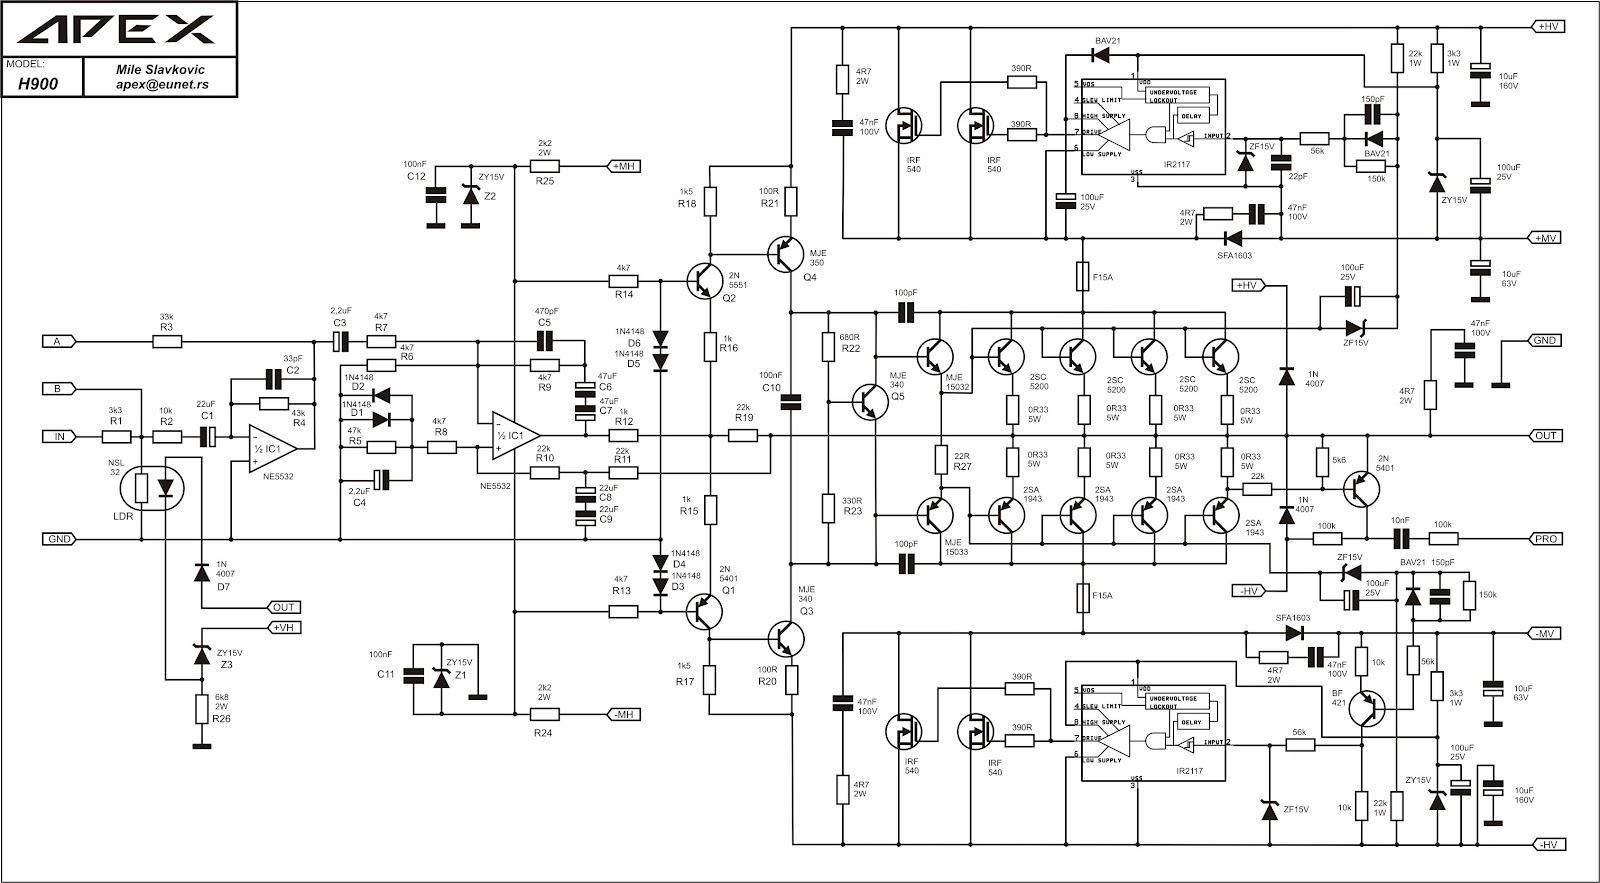 kumpulan skema electronika: skema power amplifier Apex H900